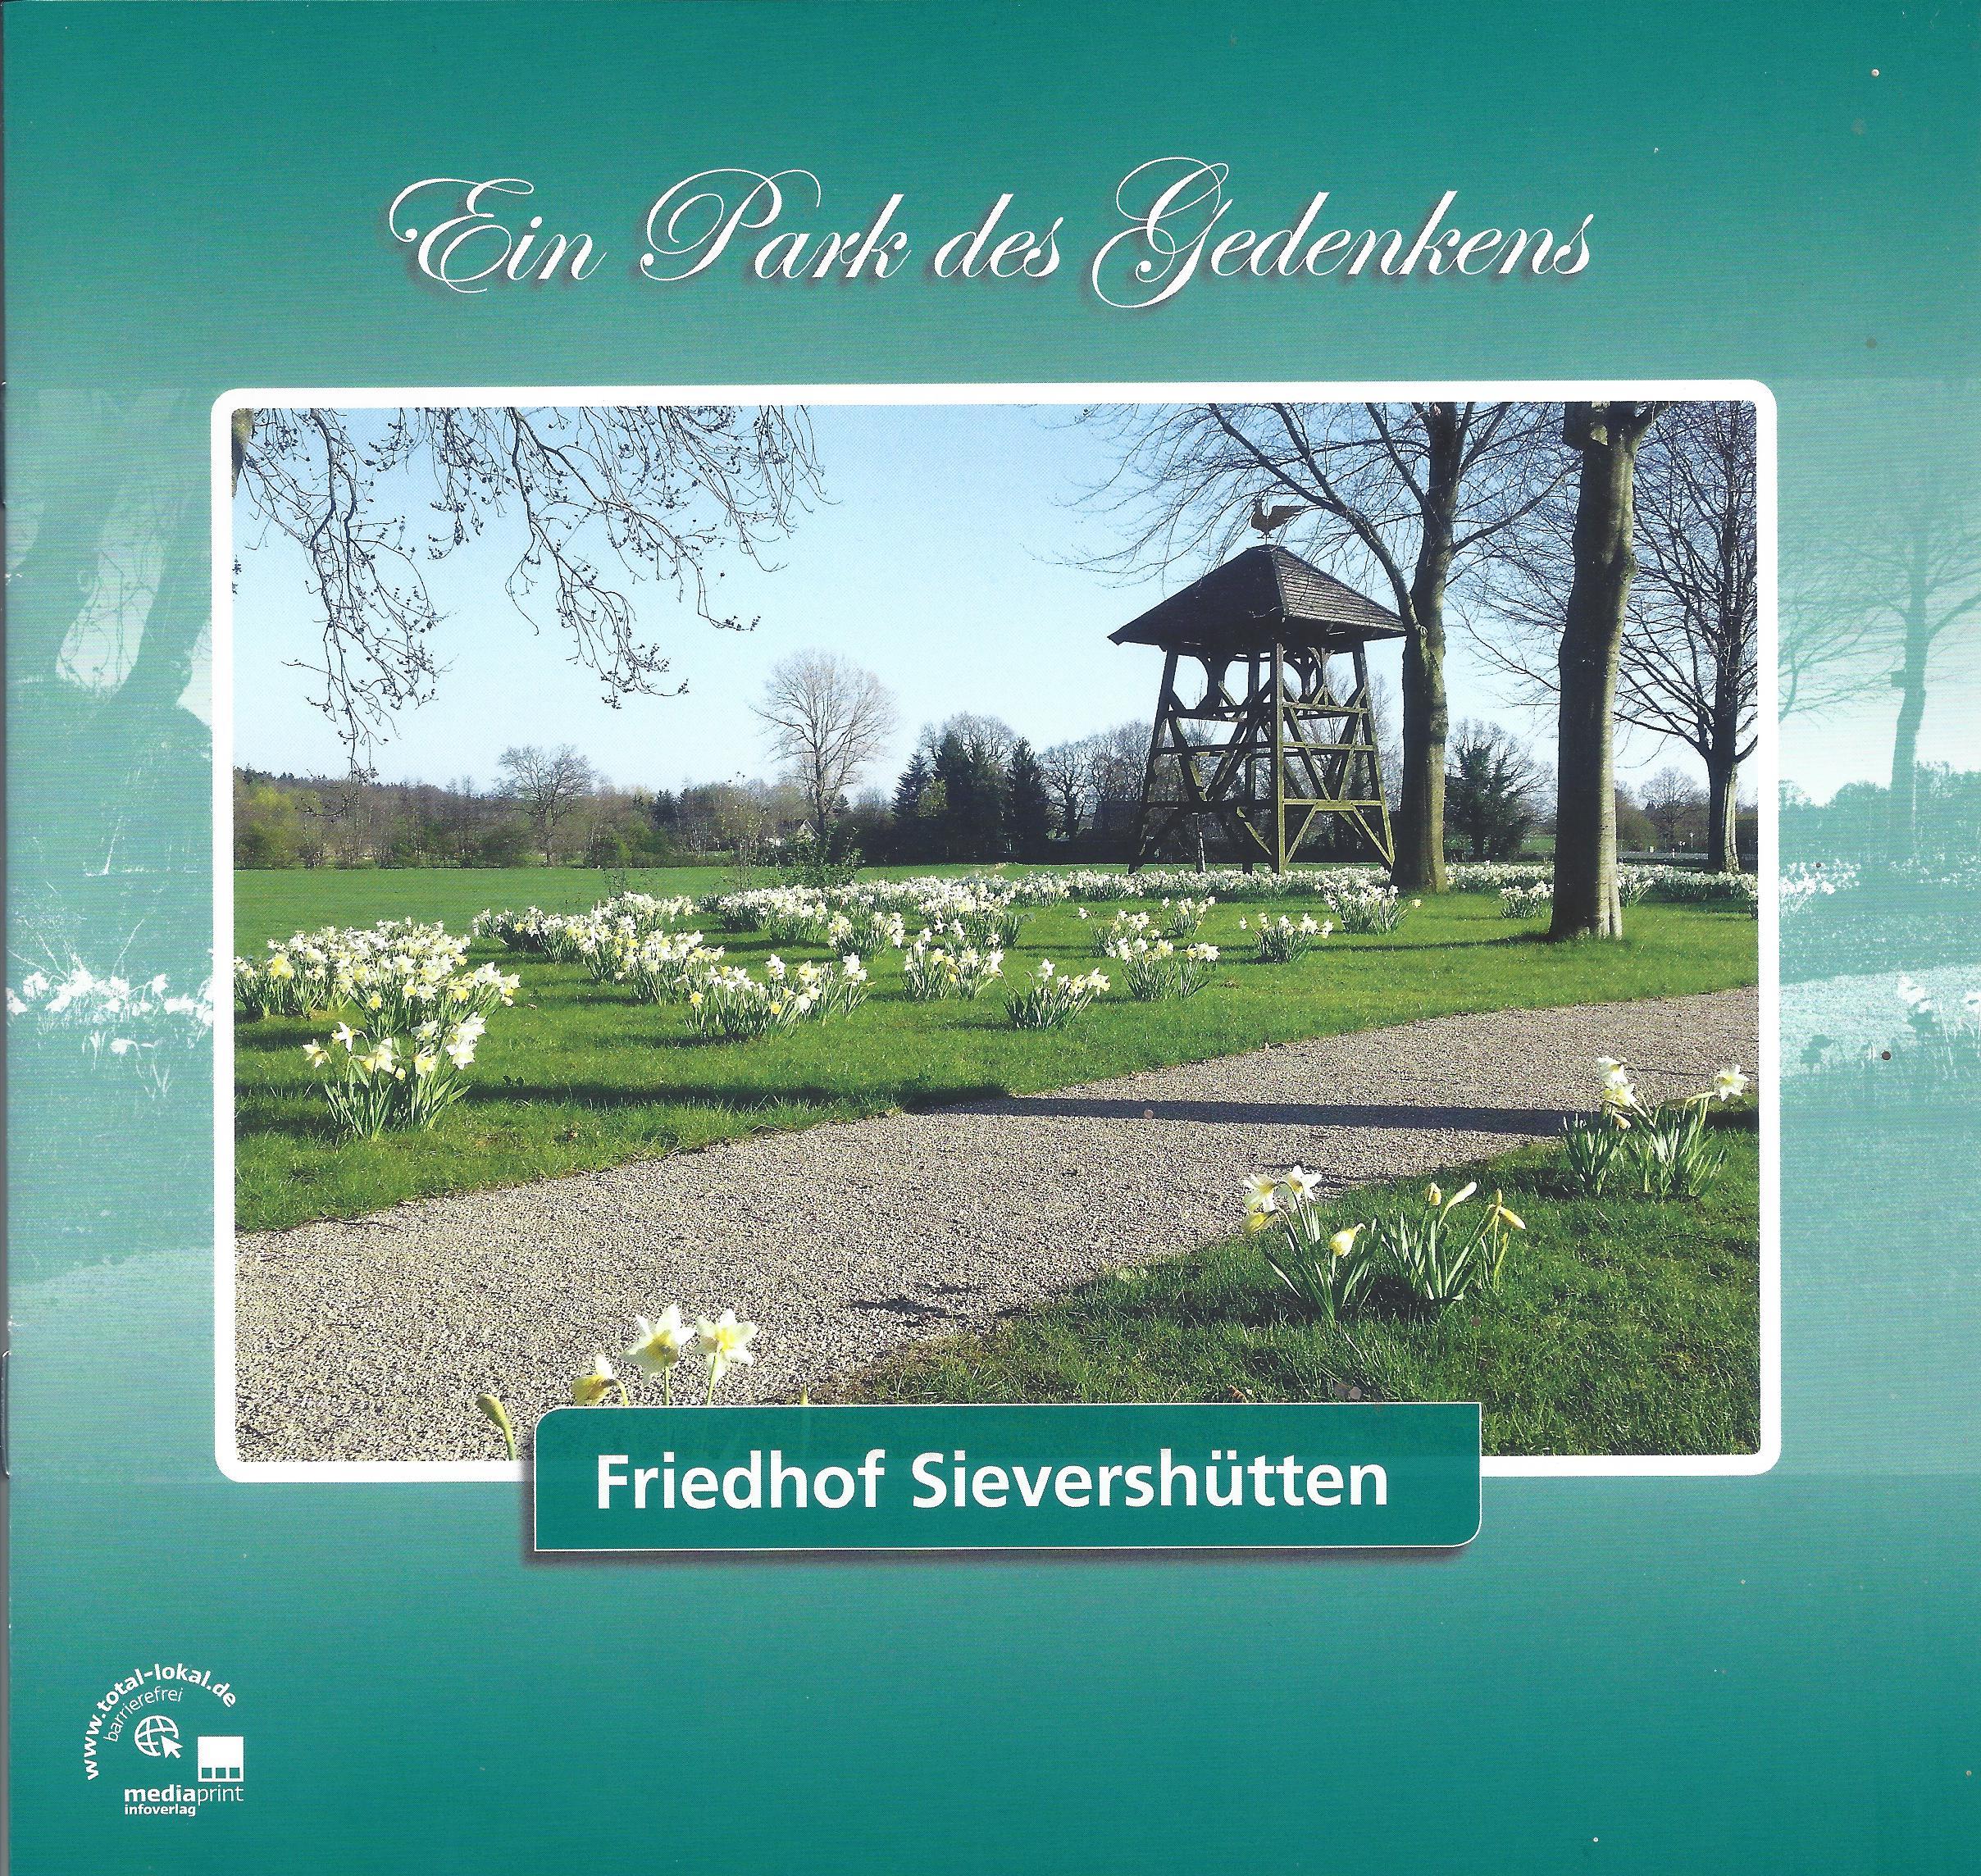 Friedhof-Sievershütten-01